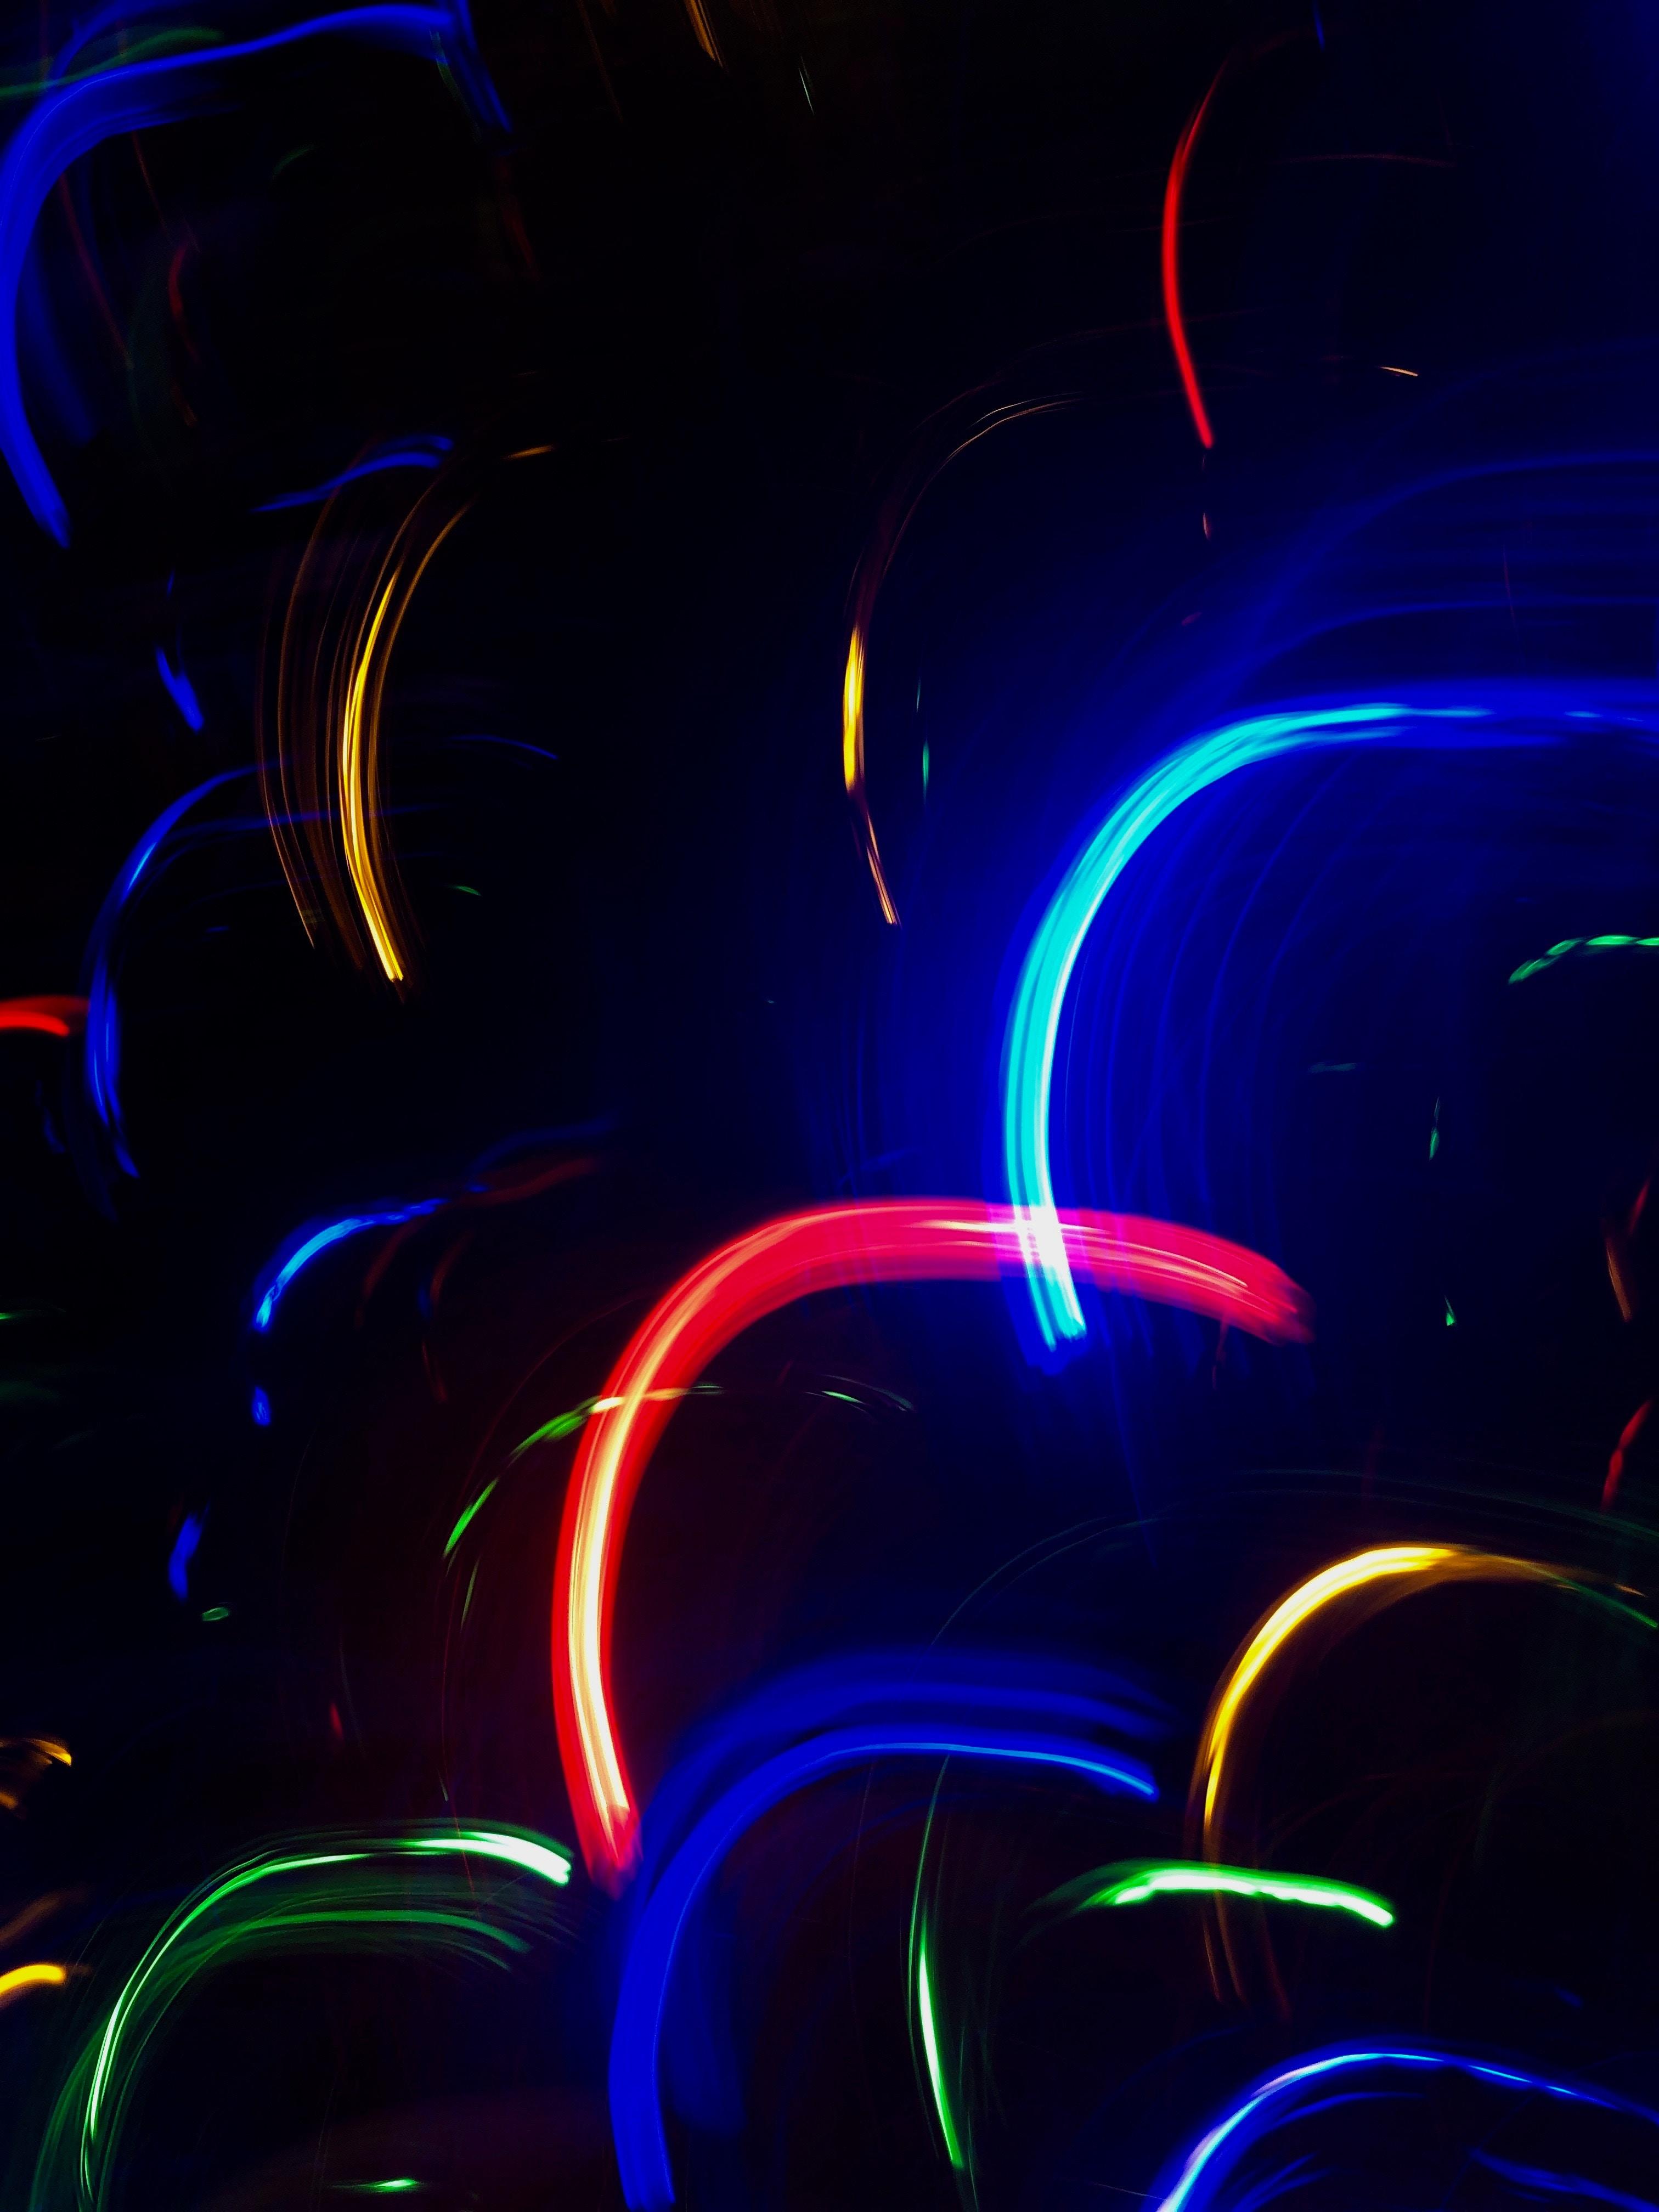 67108 fond d'écran 720x1520 sur votre téléphone gratuitement, téléchargez des images Sombre, Multicolore, Hétéroclite, Lignes, Néon, Rétroéclairage, Illumination, Arc 720x1520 sur votre mobile